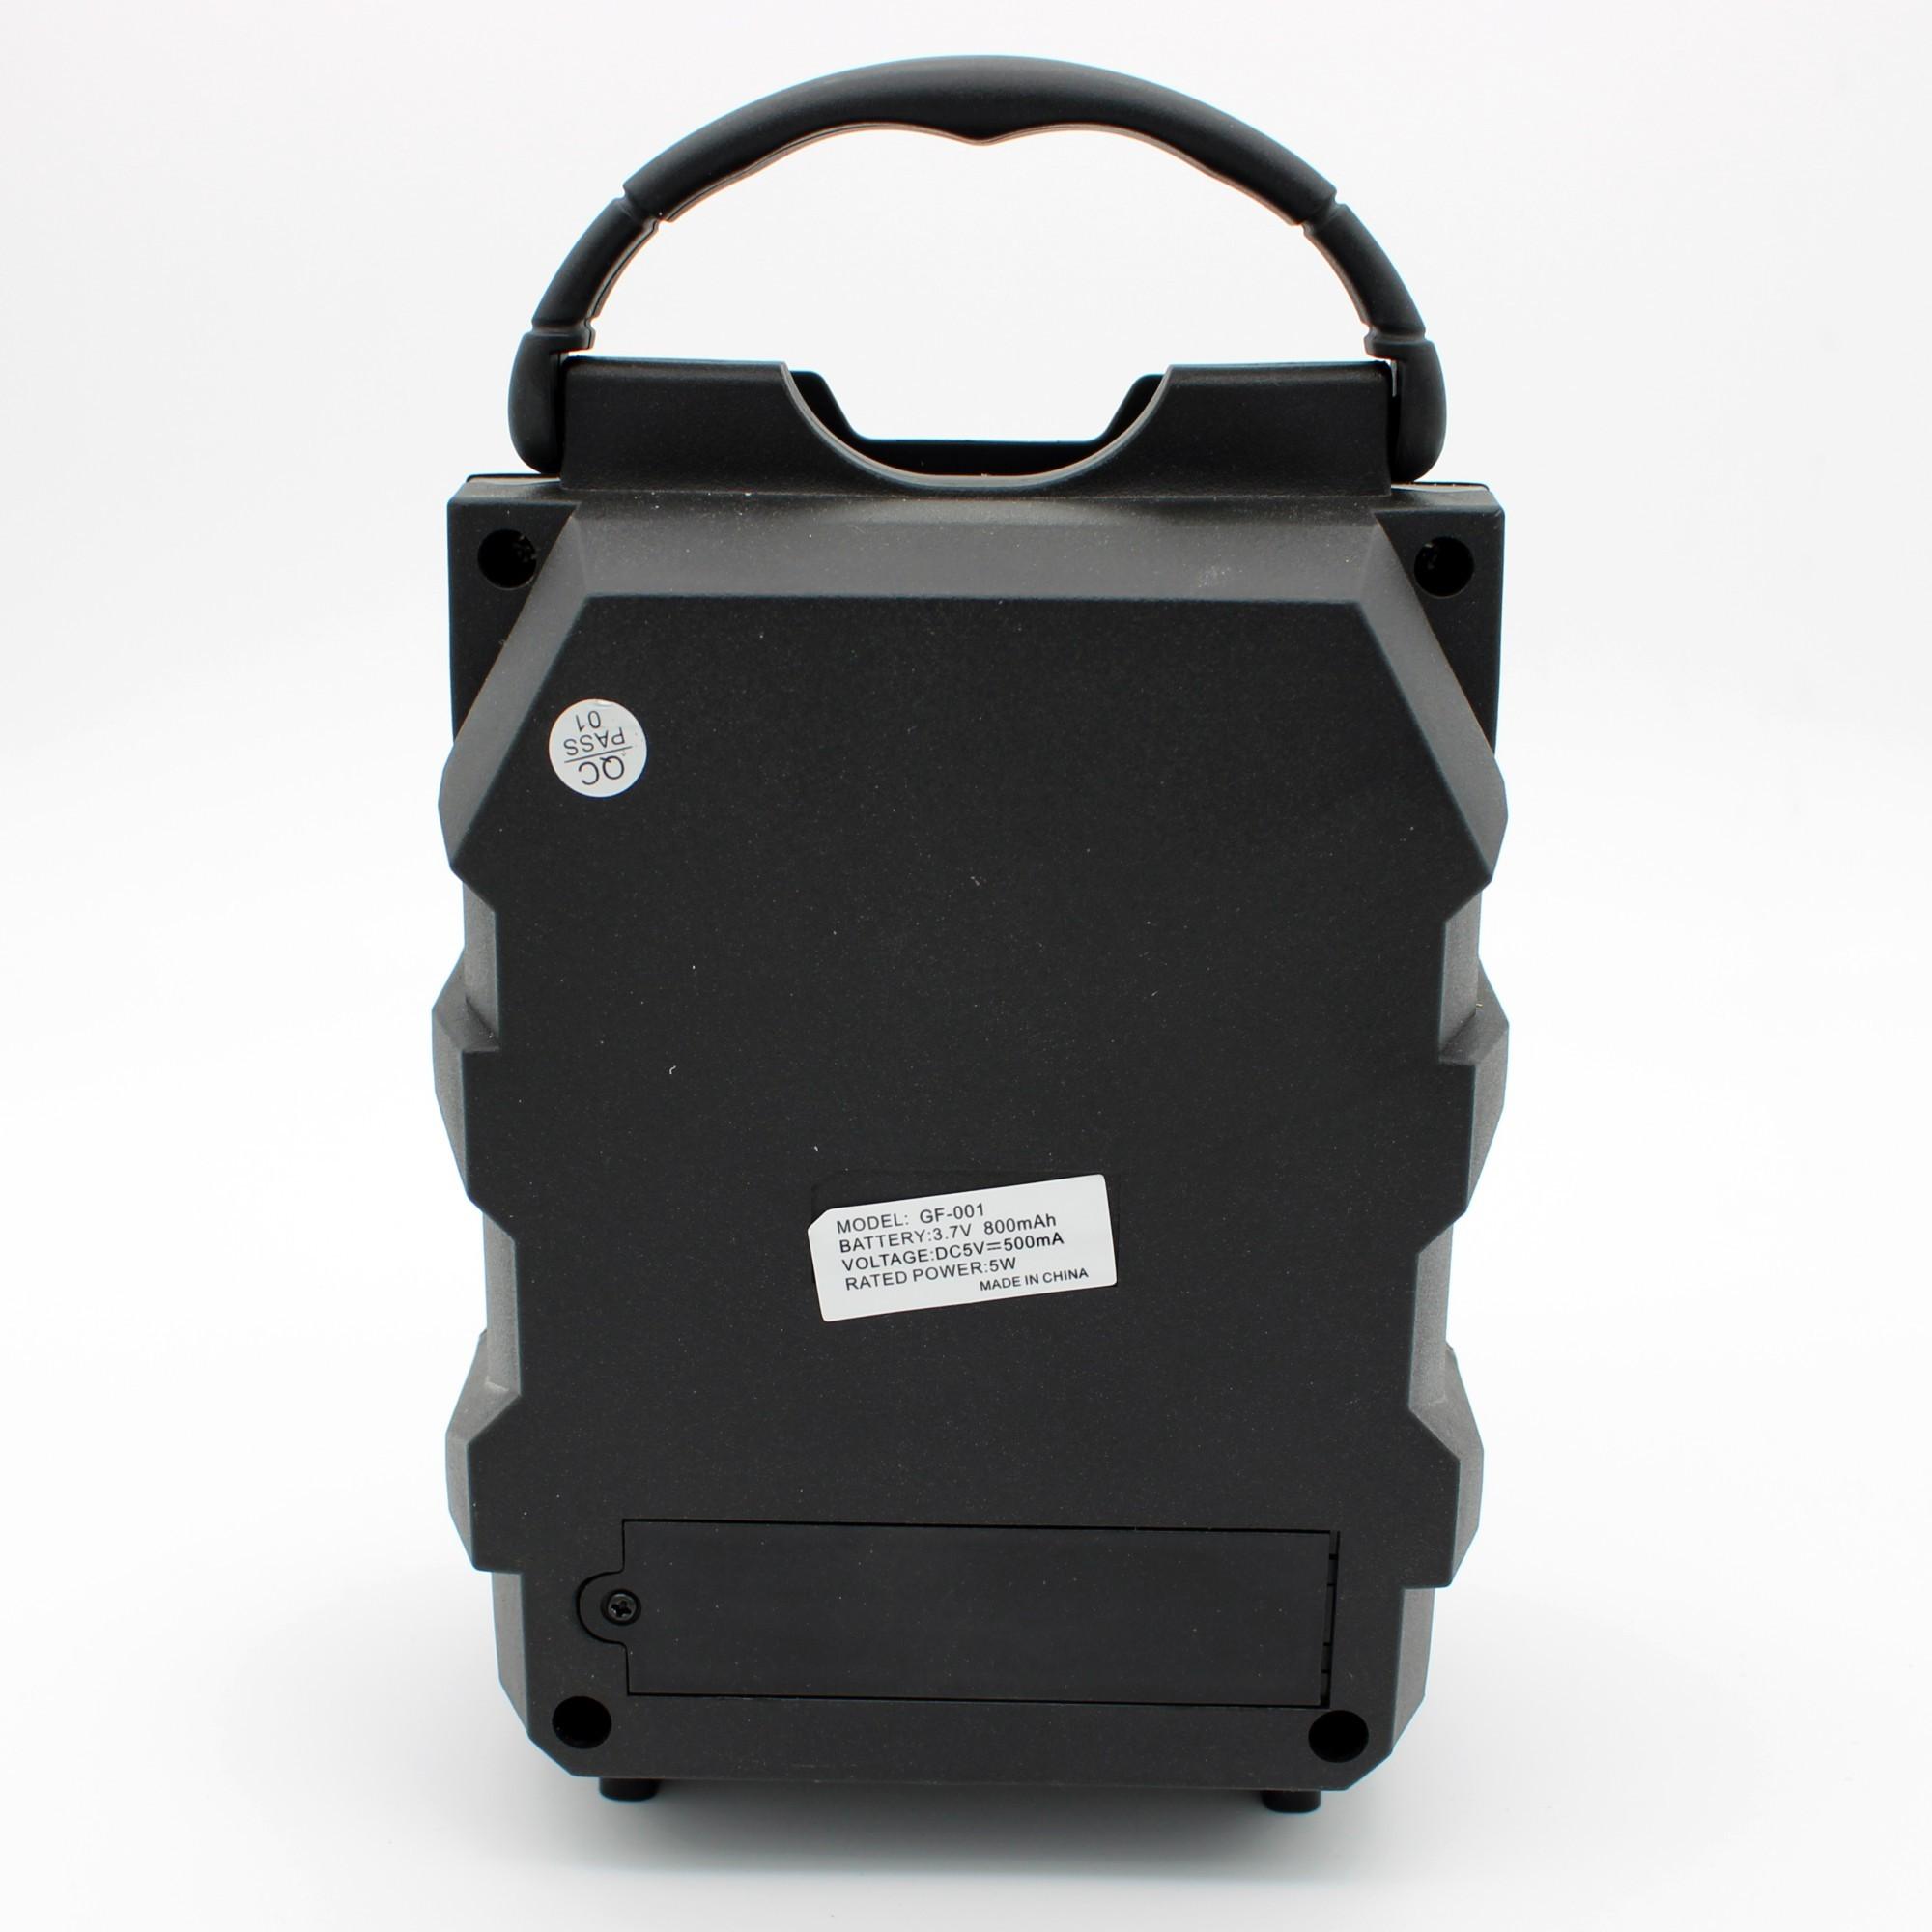 Caixa de Som Portátil C/ Bluetooth